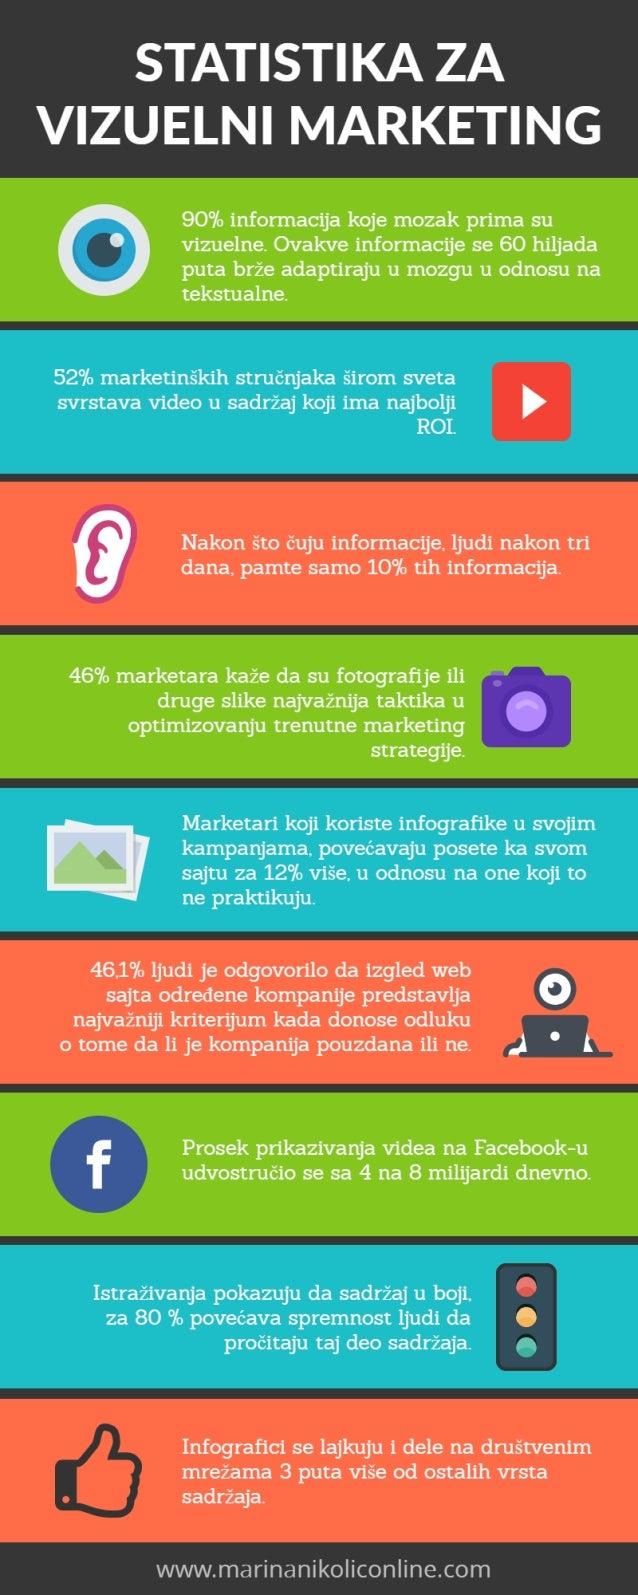 Statistika za Vizuelni Marketing